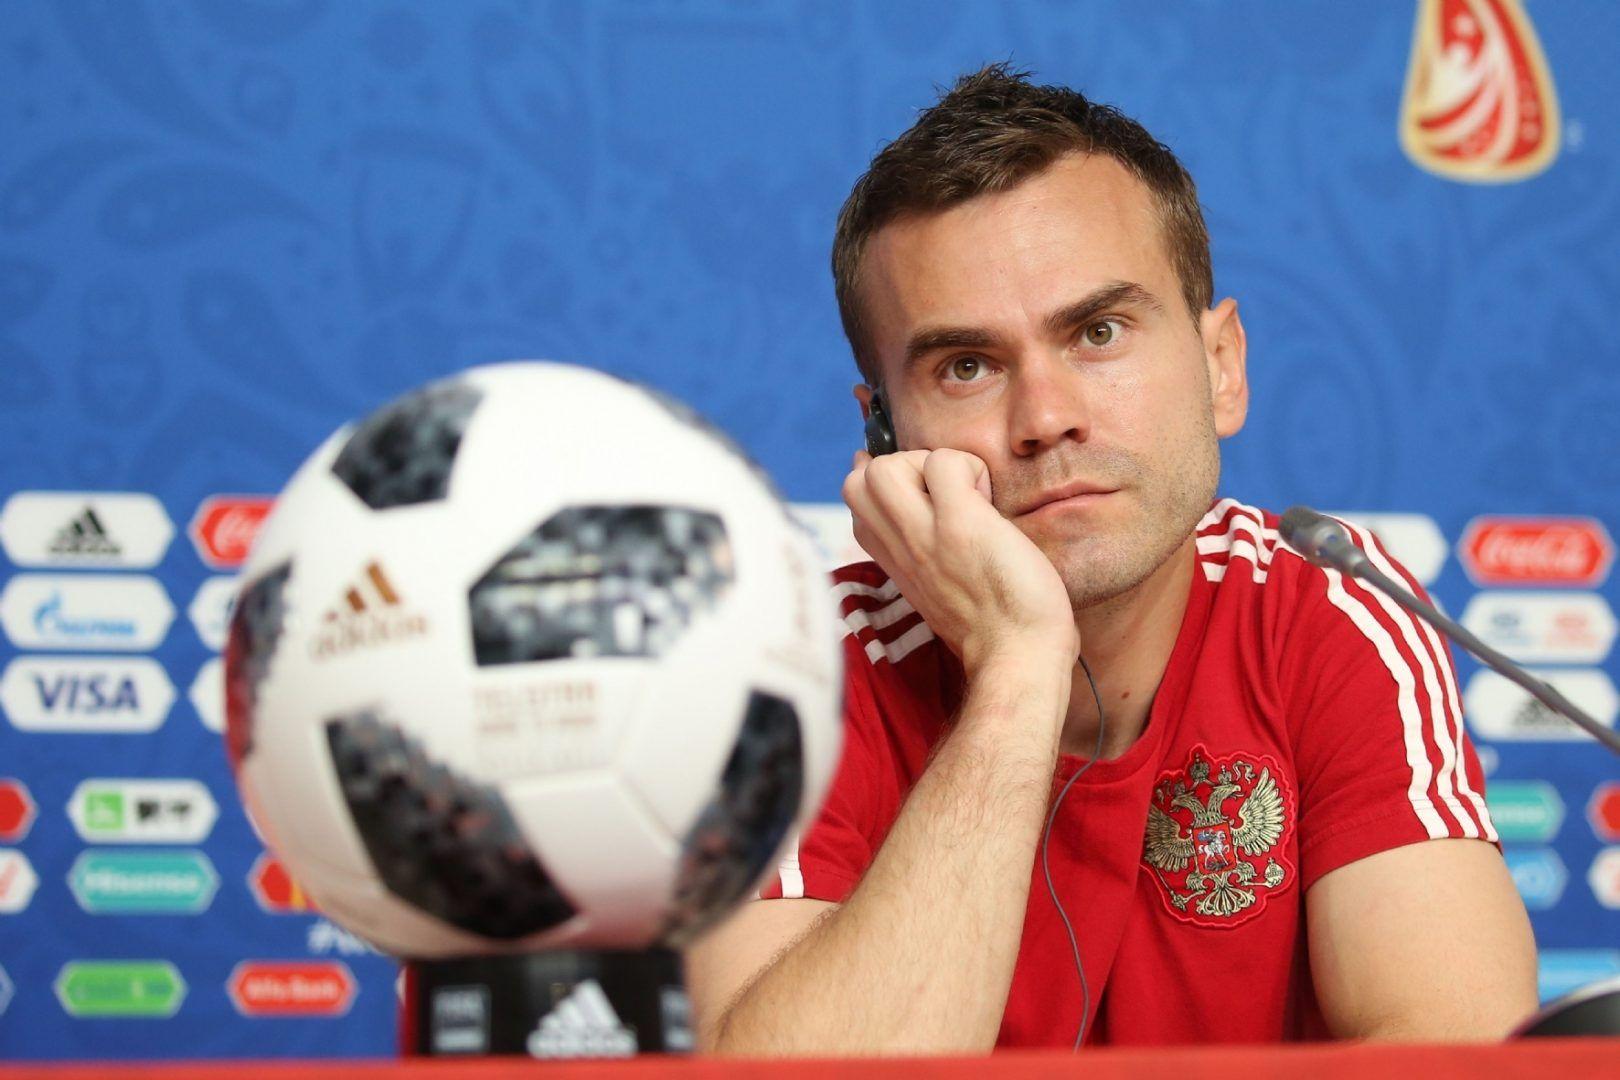 18 июня 2018 года. Акинфеев на предматчевой пресс-конференции. Фото: photoxpress